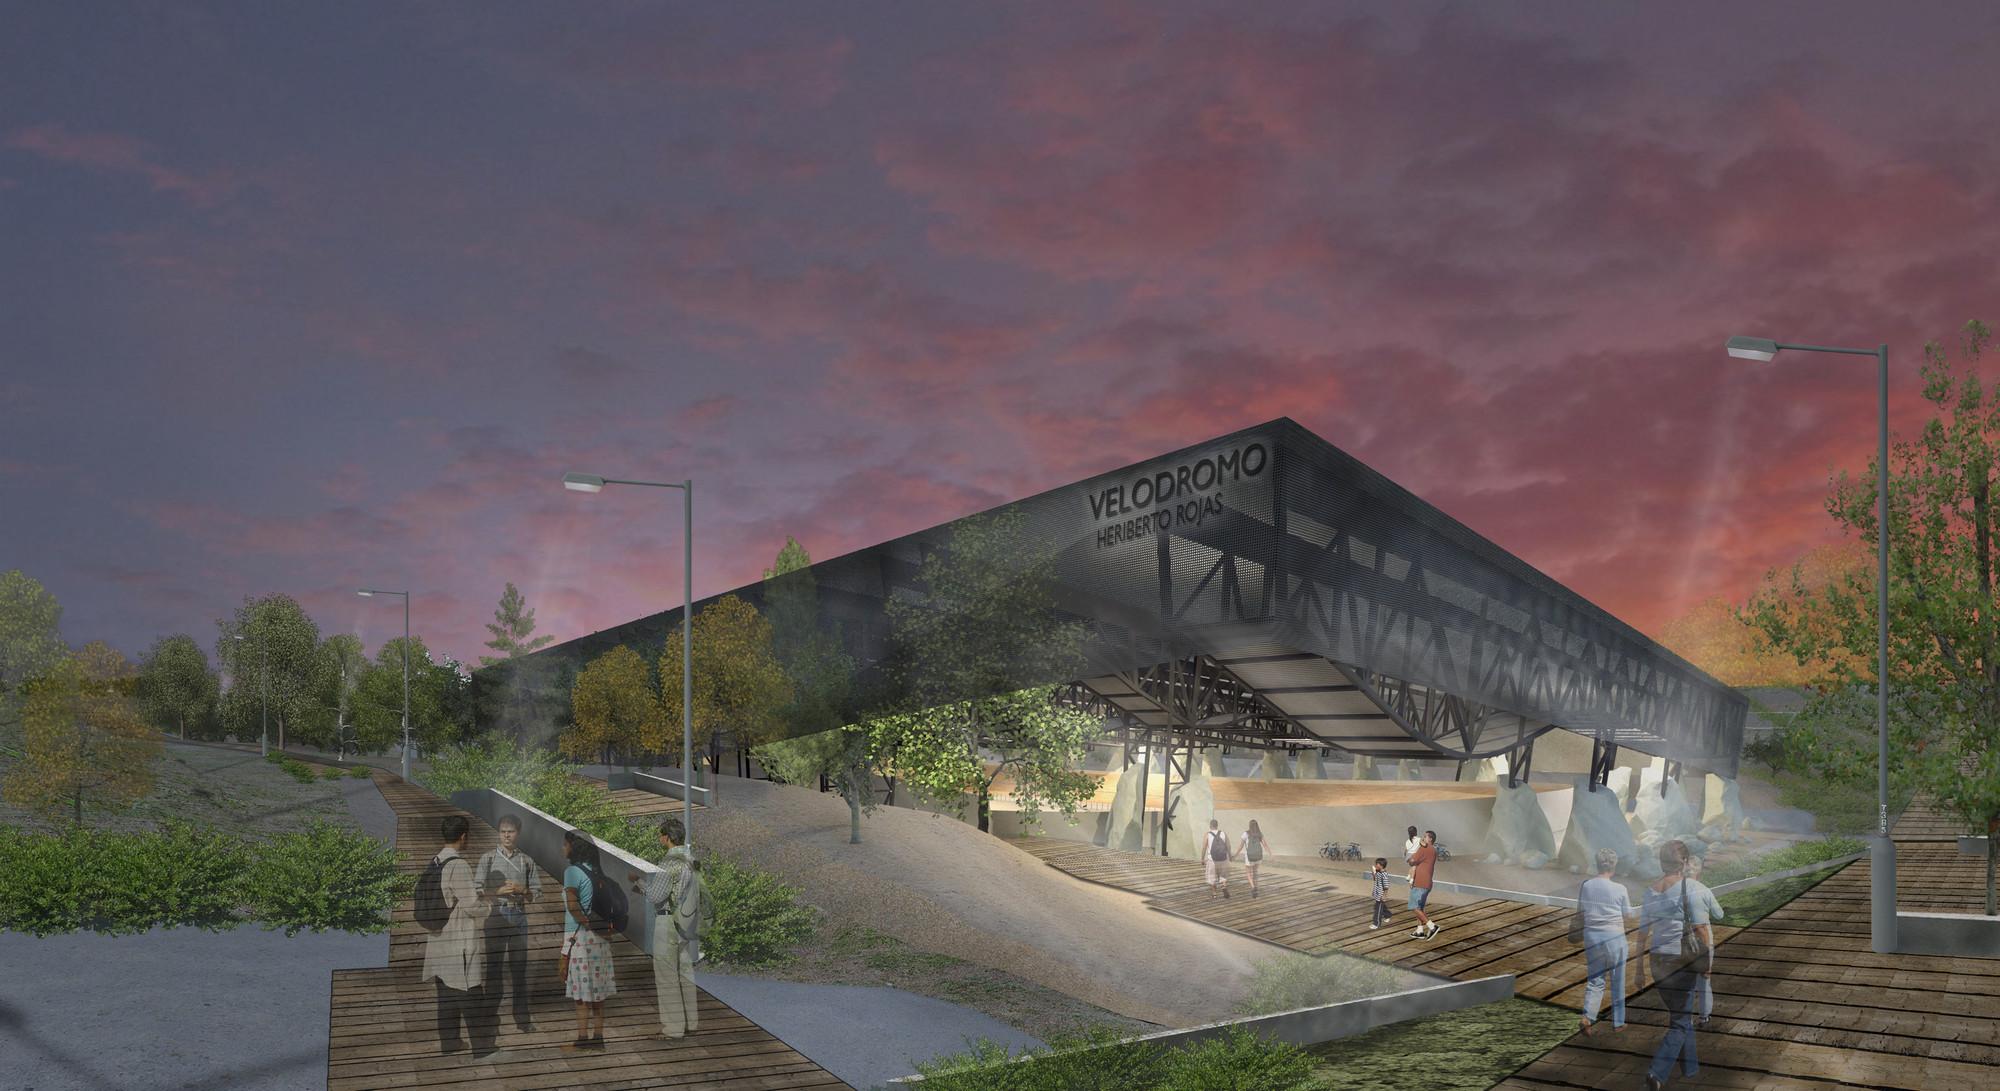 Primer Lugar en concurso de anteproyectos Parque Deportivo Villa Alemana / Chile, Velódromo. Image Courtesy of Equipo Primer Lugar